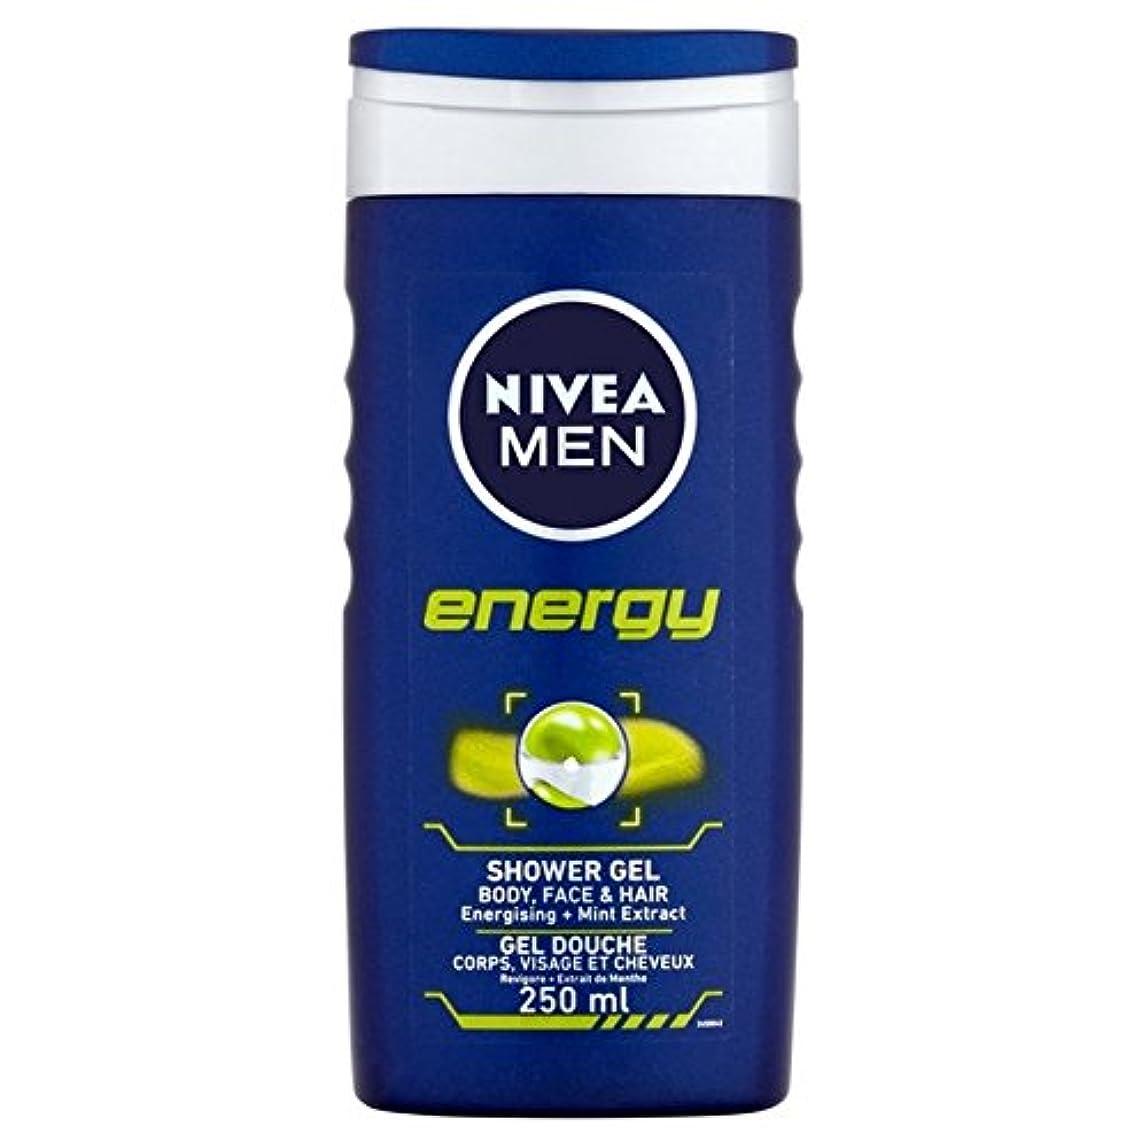 出くわす申し立てられたペースNivea Men Energy 2 in 1 Shower 250ml - 1つのシャワー250ミリリットル中ニベアの男性のエネルギー2 [並行輸入品]